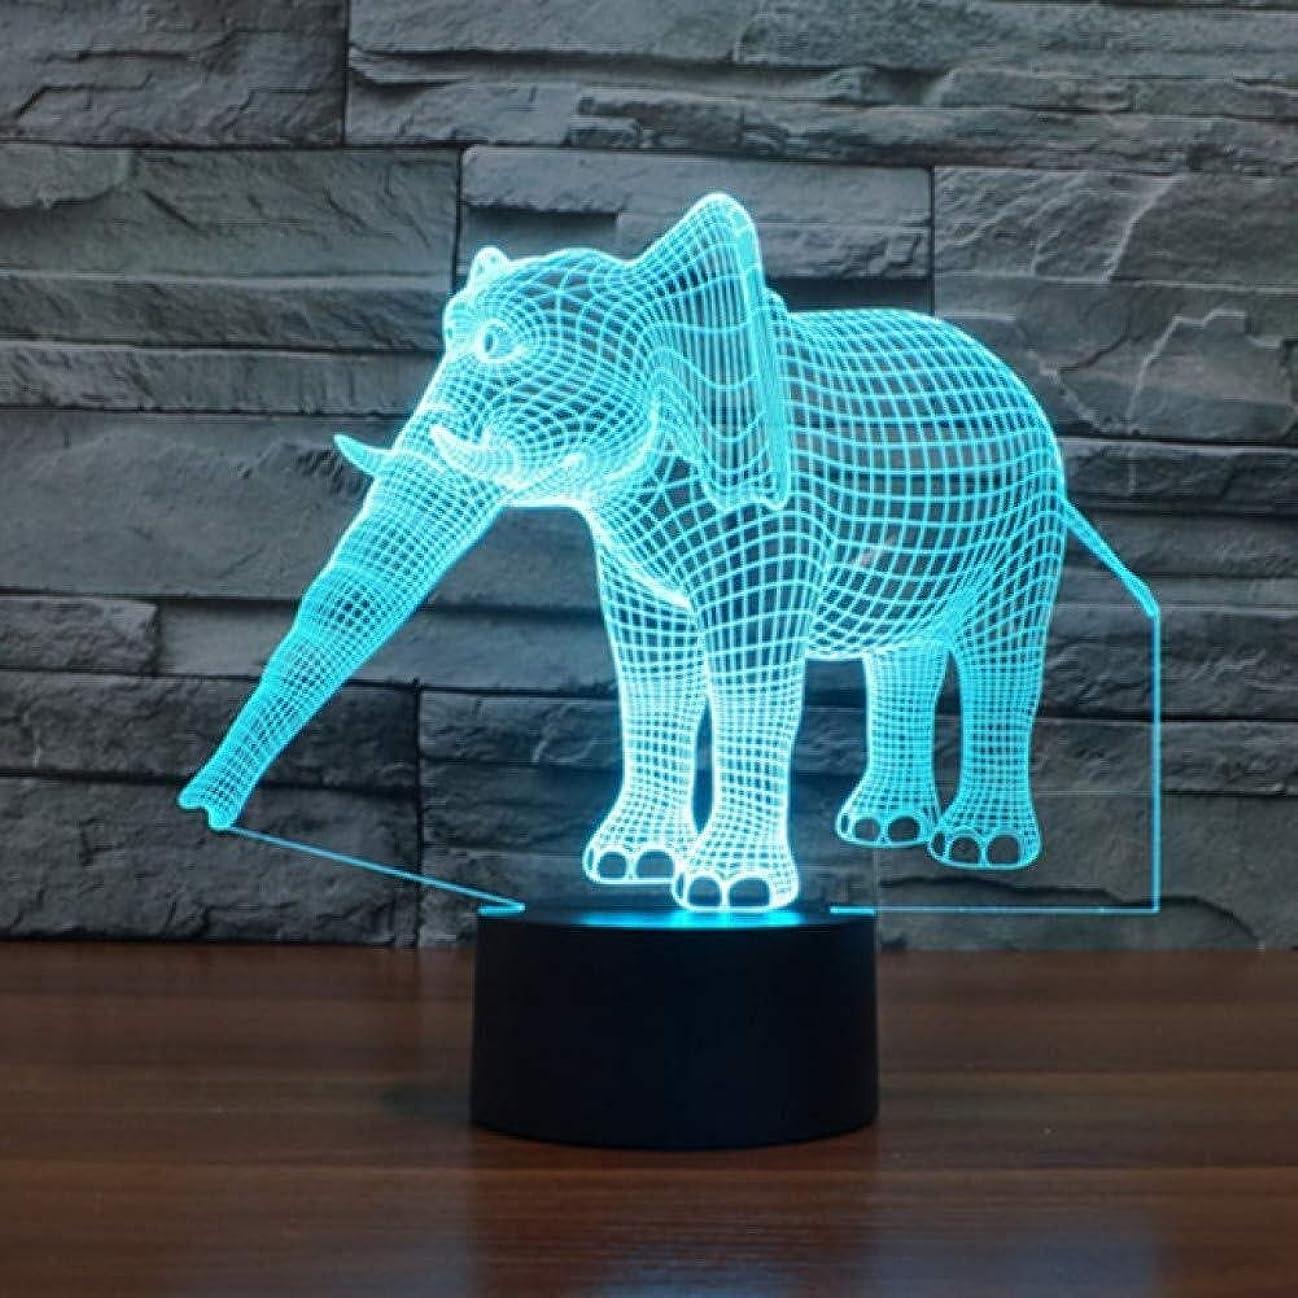 行政化学者胴体3Dイリュージョンハッピーエレファント?LEDランプタッチセンサー7色の変更ノベルティベッドルーム装飾的なデスクランプキッズフェスティバル誕生日ギフトのUSB充電